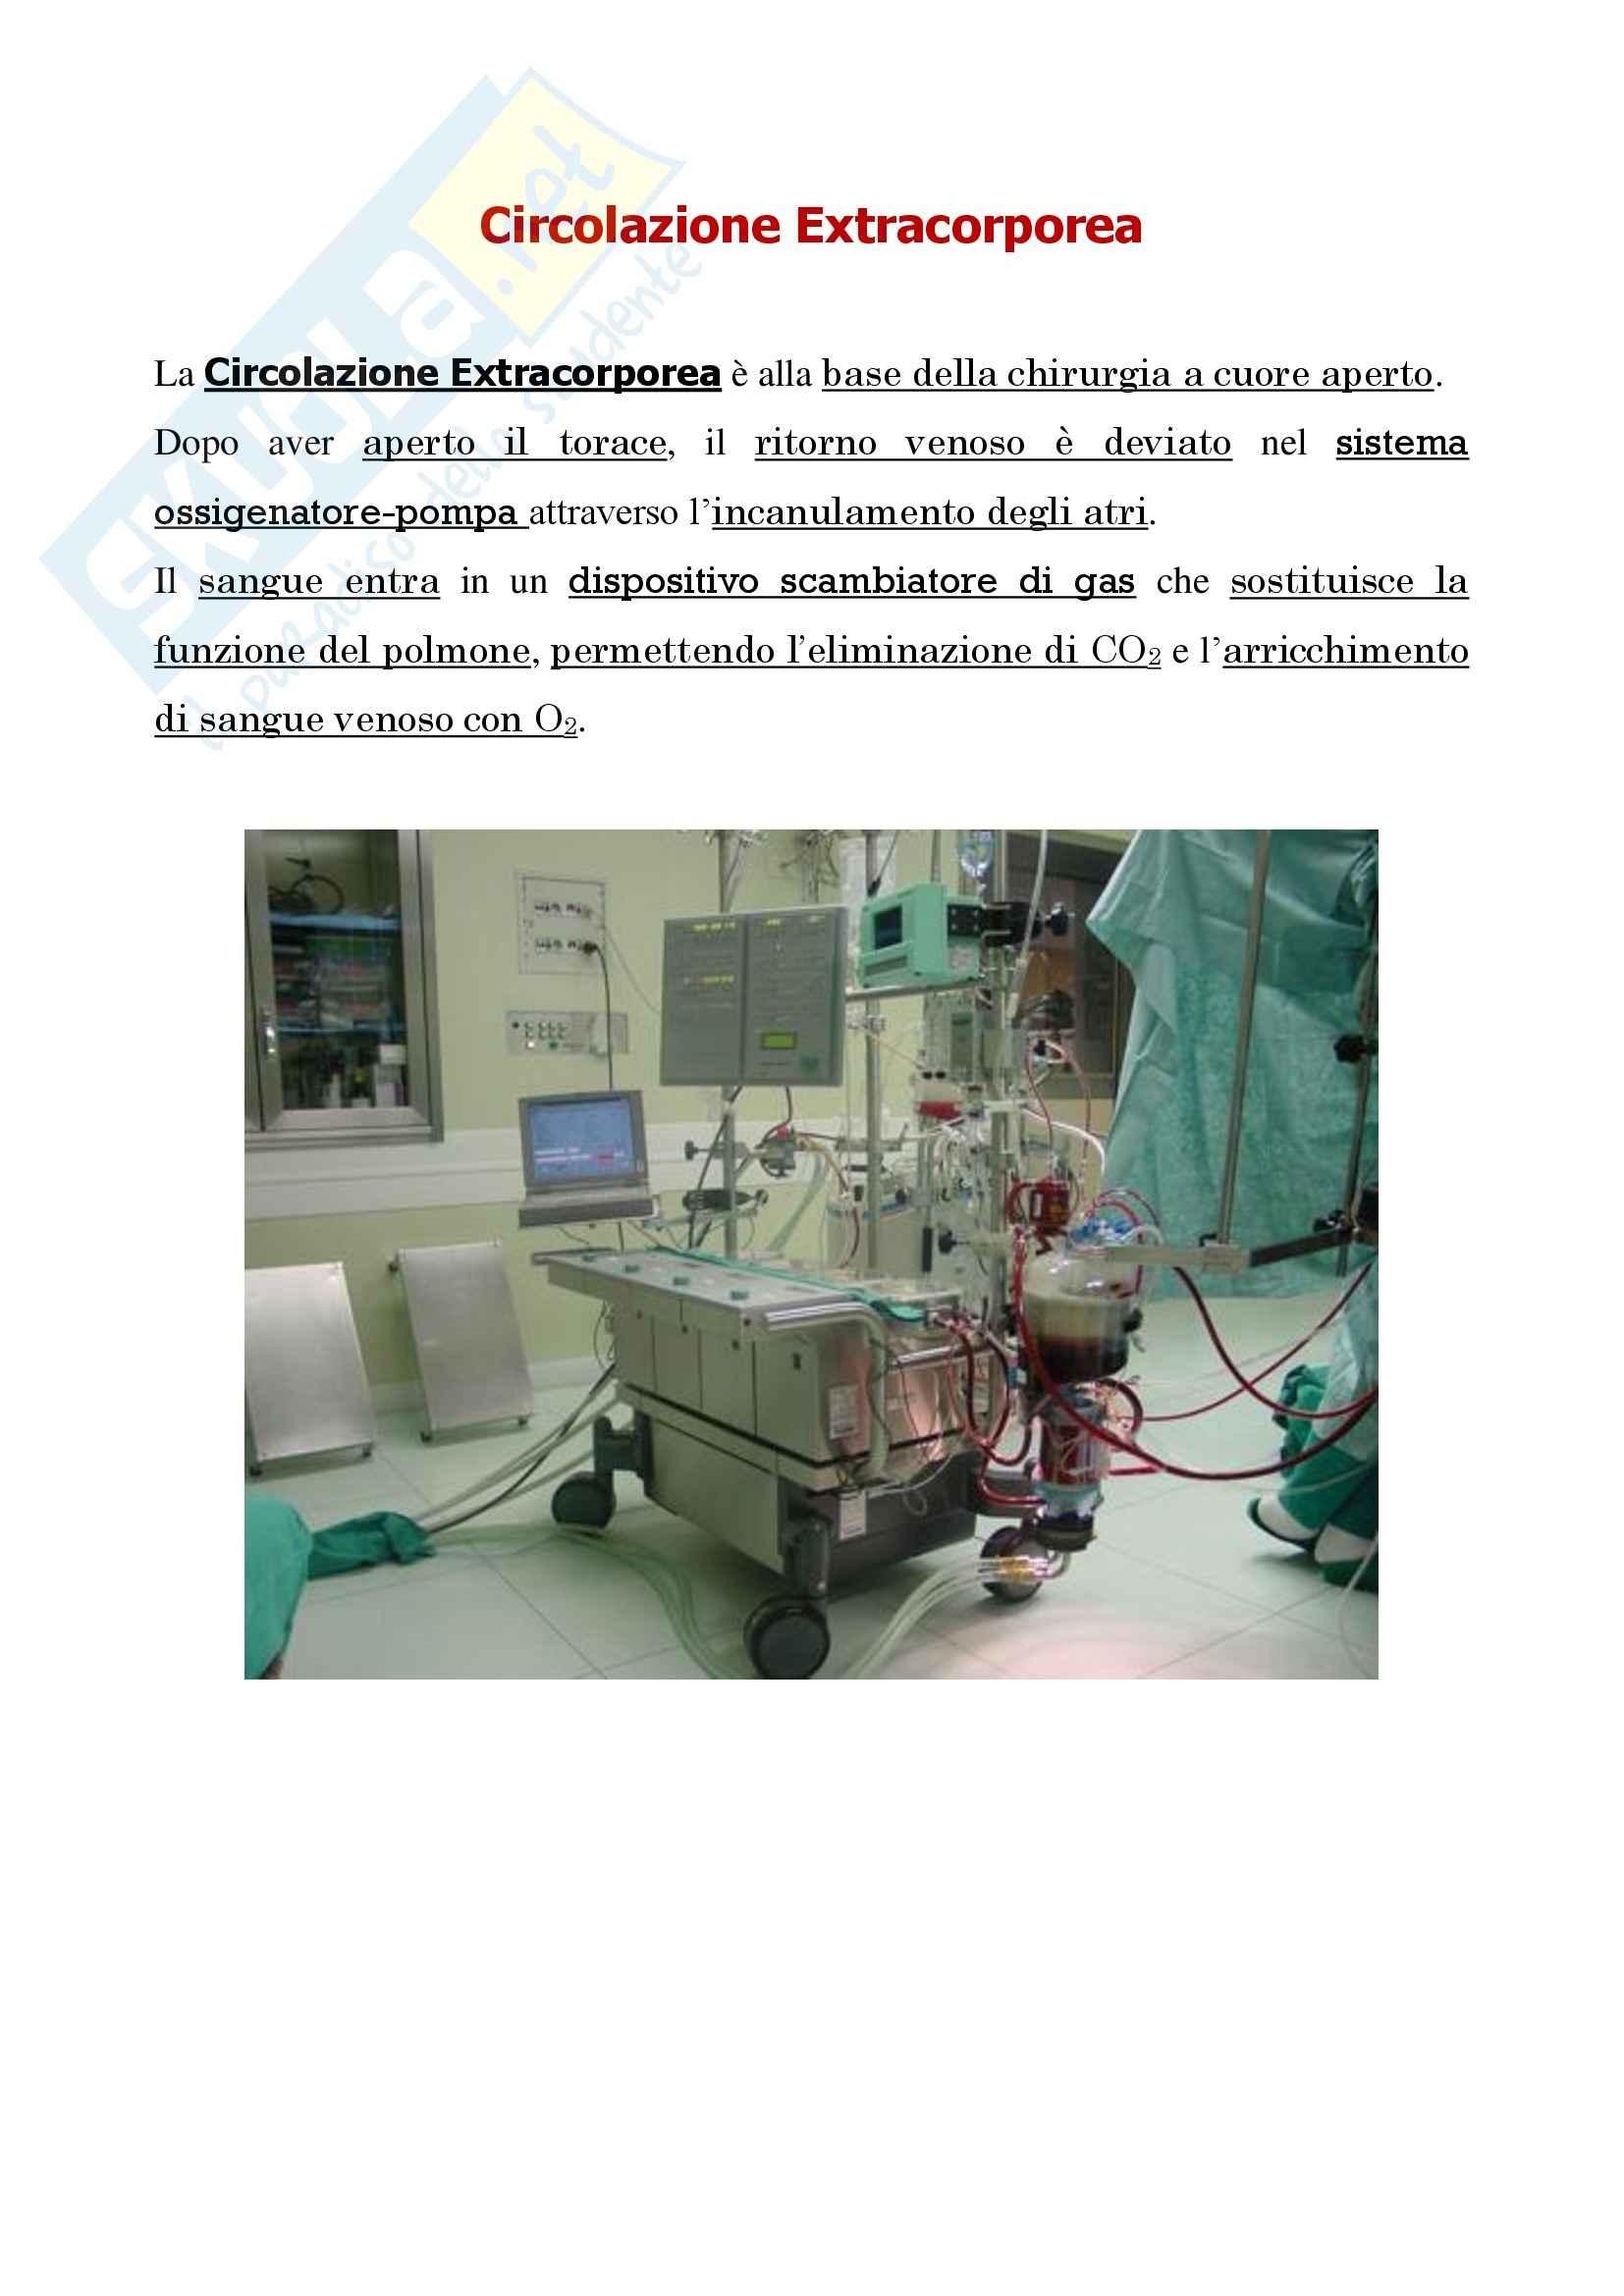 Cardiochirurgia - circolazione extracorporea